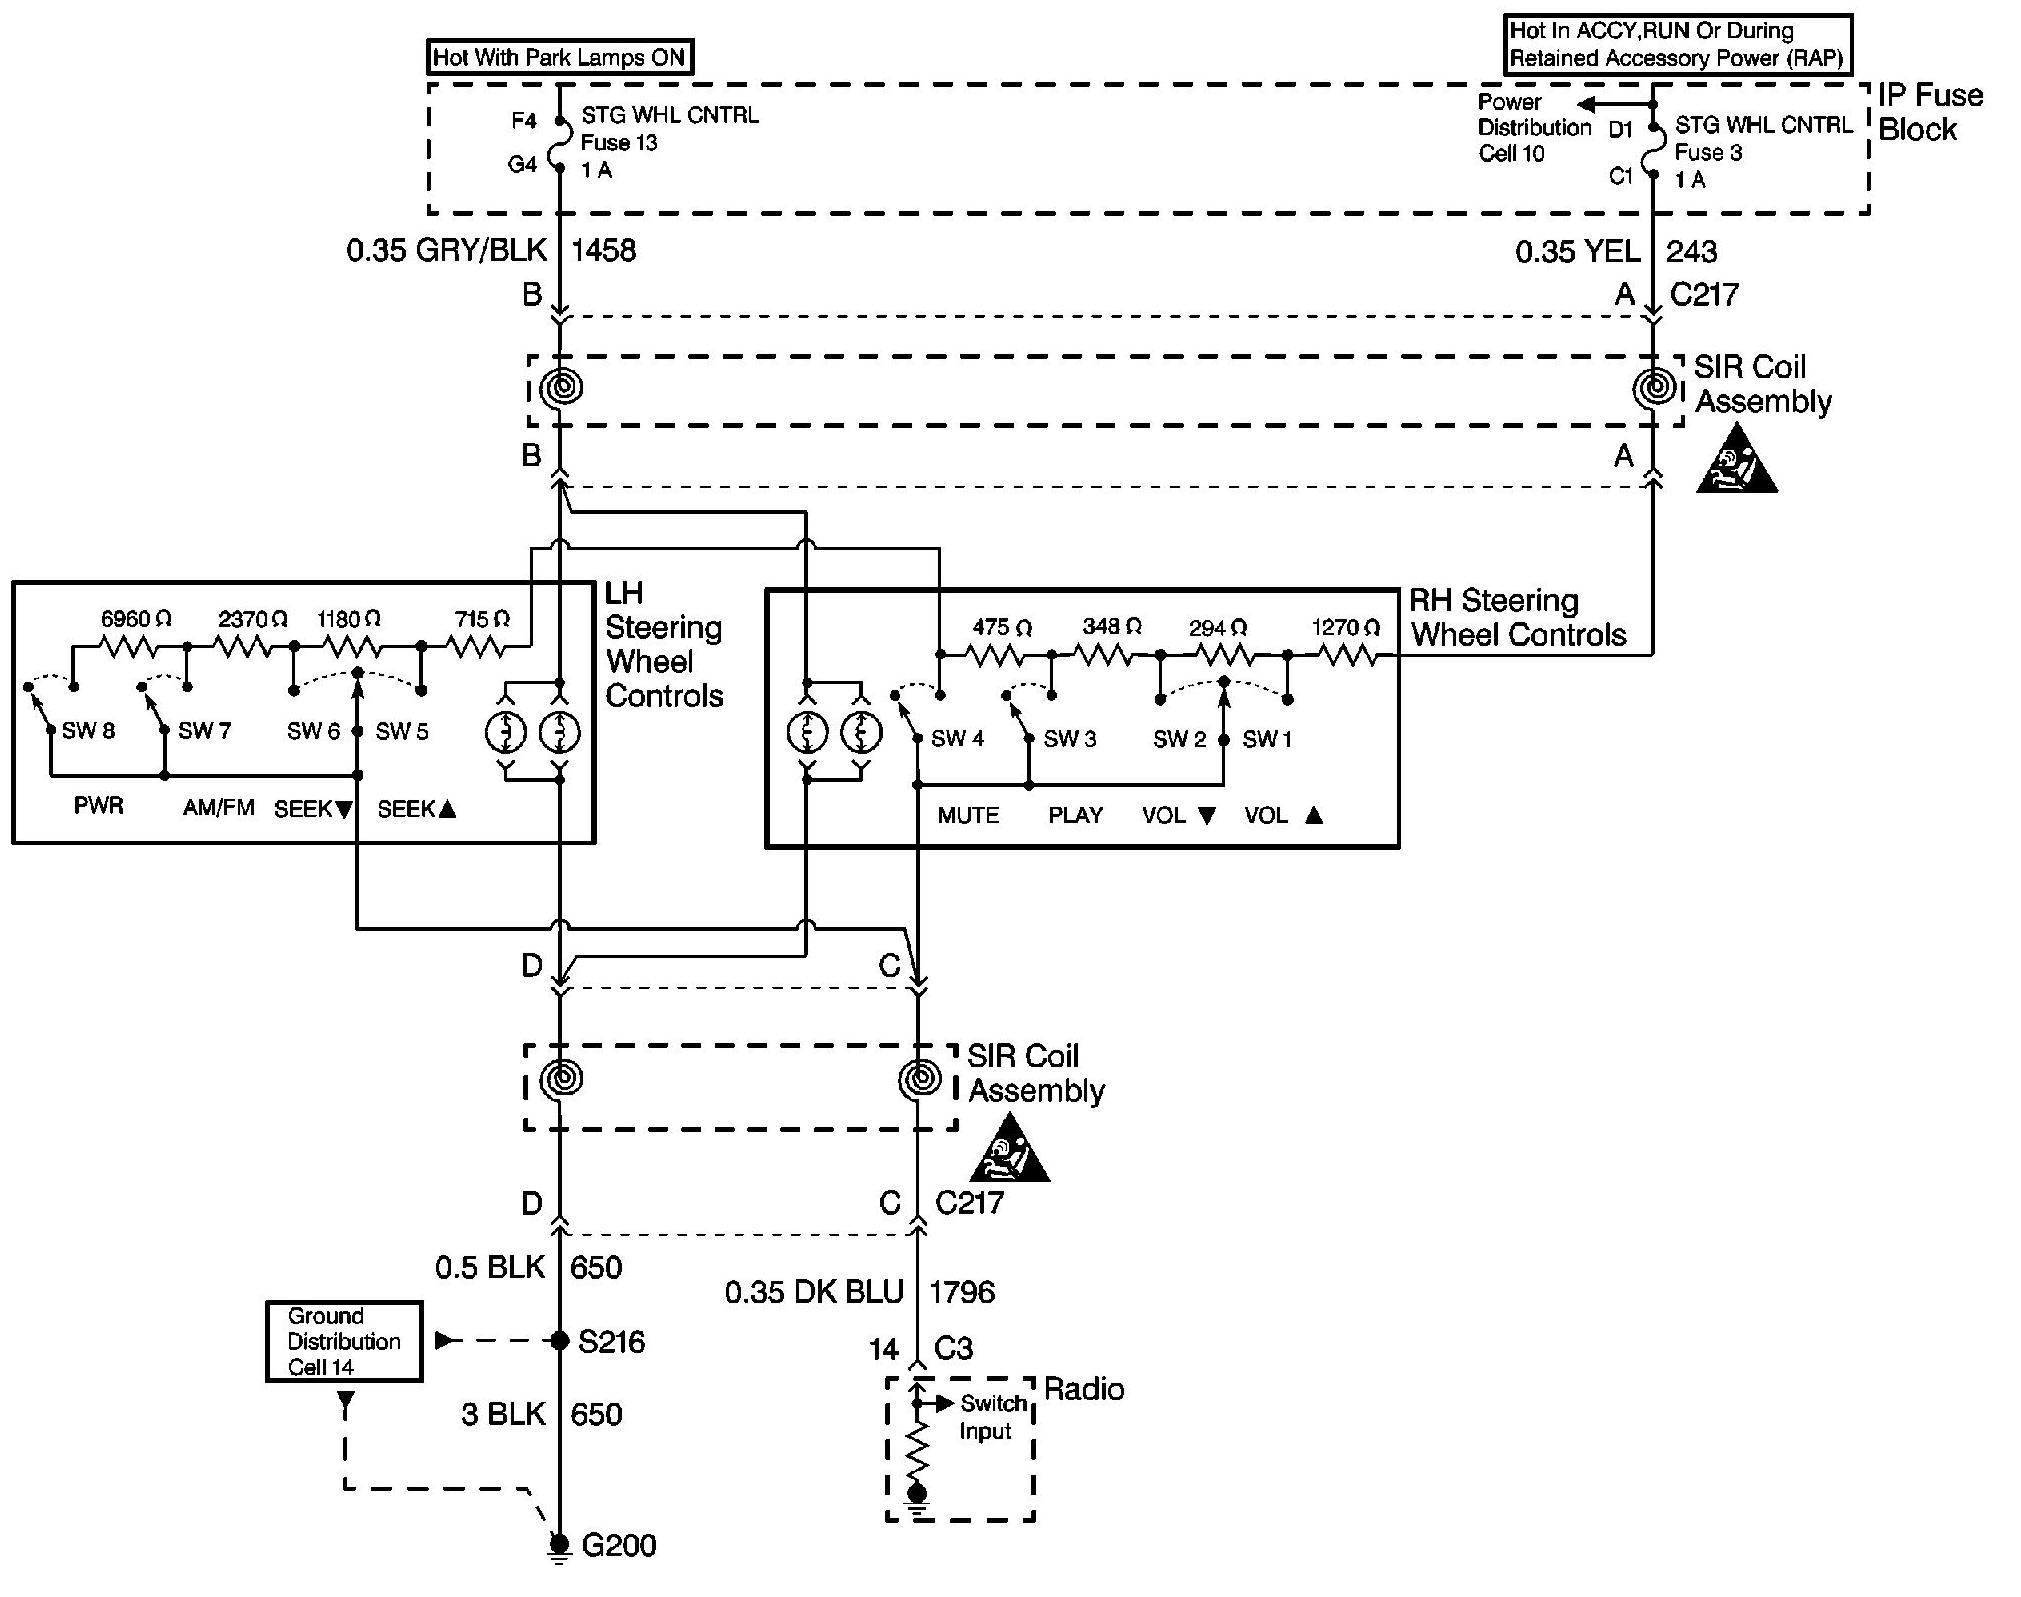 steering wheel control wiring diagrams 1000 watt inverter circuit diagram help me separate my from head